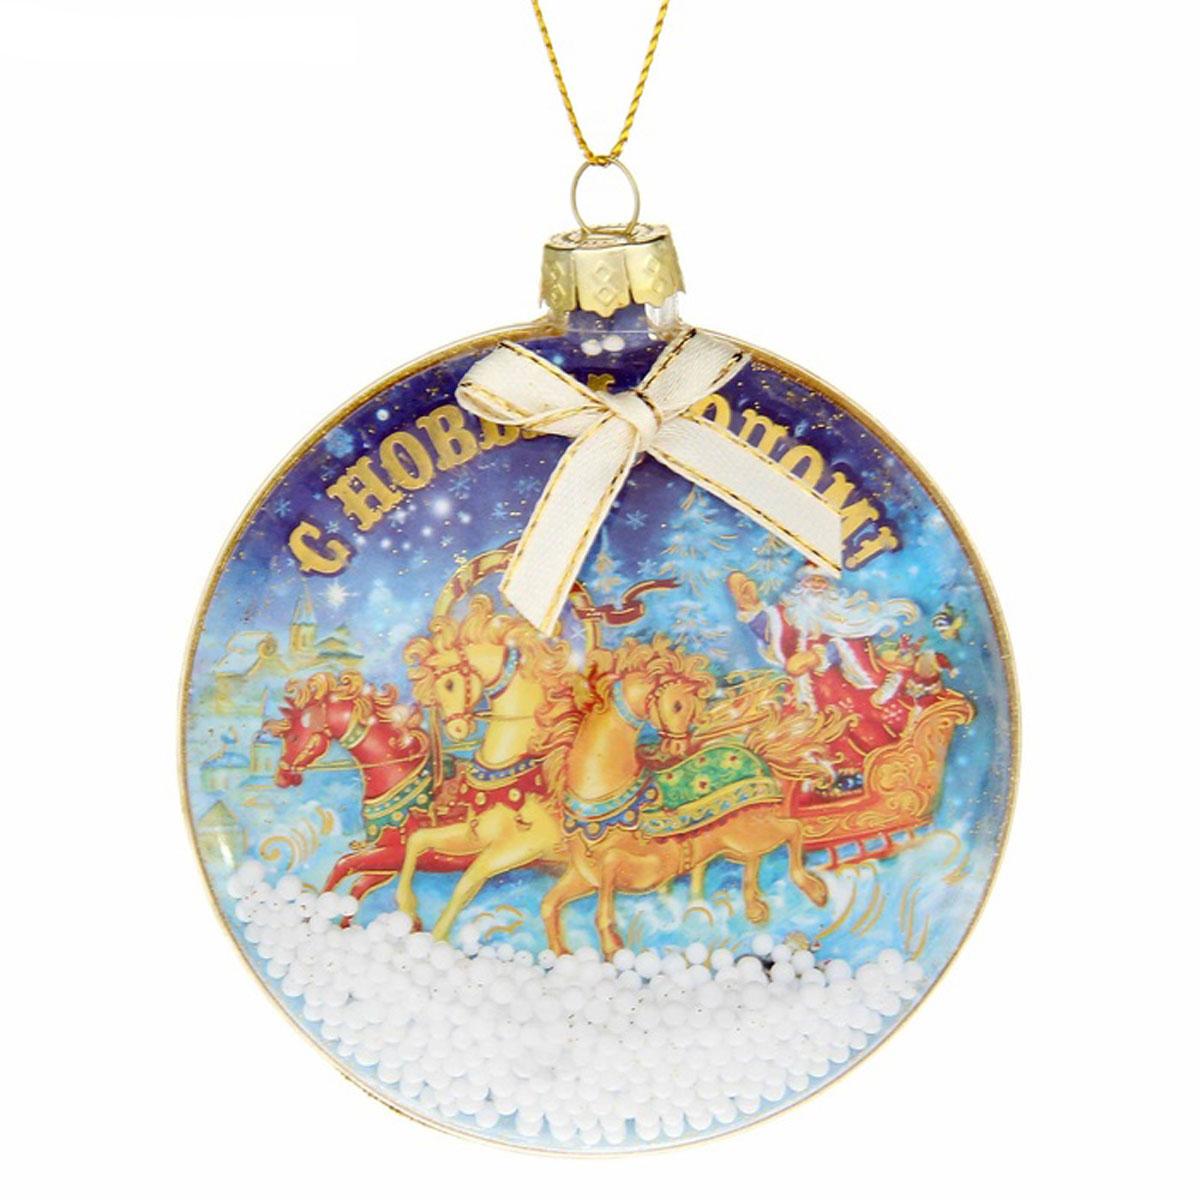 Новогоднее подвесное украшение Sima-land С Новым годом, диаметр 8 см. 10718961071896Новогоднее подвесное украшение Sima-land С Новым годом выполнено из высококачественного пластика, оформлено изображением Деда Мороза на тройке лошадей. Внутри изделия имеются круглые бусины из пенопласта, имитирующие снег. С помощью специальной петельки украшение можно повесить в любом понравившемся вам месте. Но, конечно, удачнее всего оно будет смотреться на праздничной елке.Елочная игрушка - символ Нового года. Она несет в себе волшебство и красоту праздника. Создайте в своем доме атмосферу веселья и радости, украшая новогоднюю елку нарядными игрушками, которые будут из года в год накапливать теплоту воспоминаний.